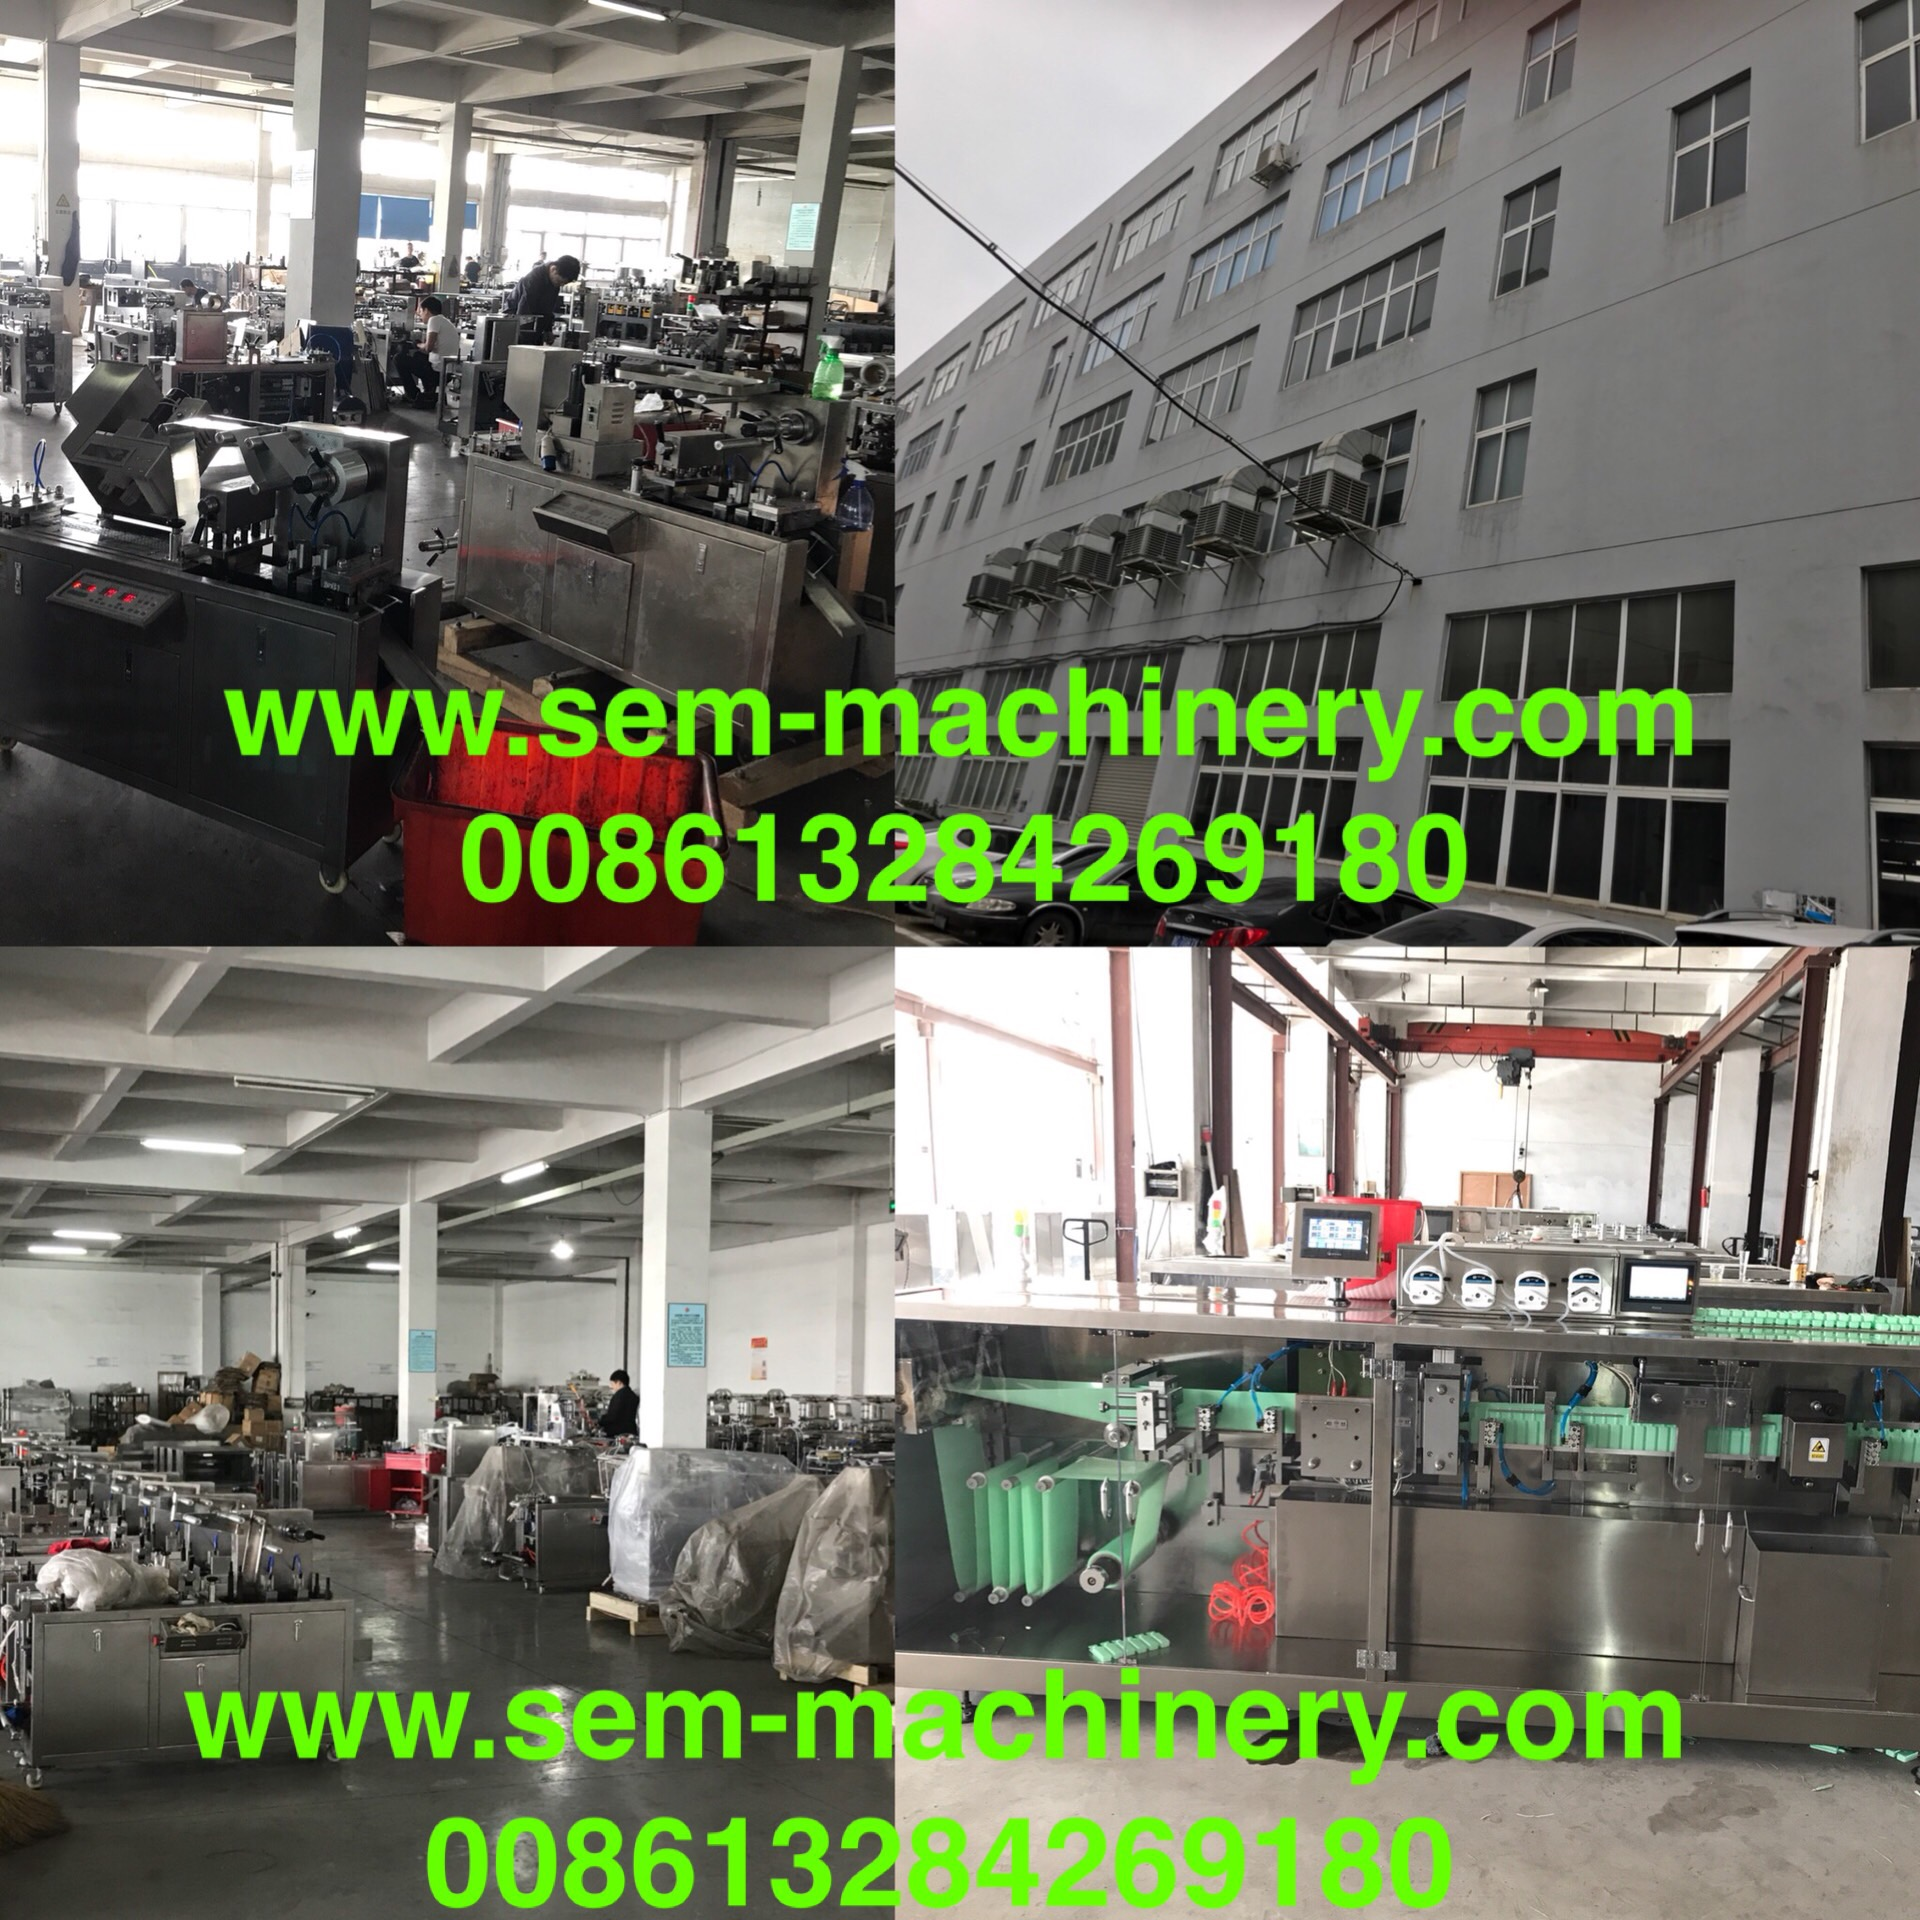 SEM Factory